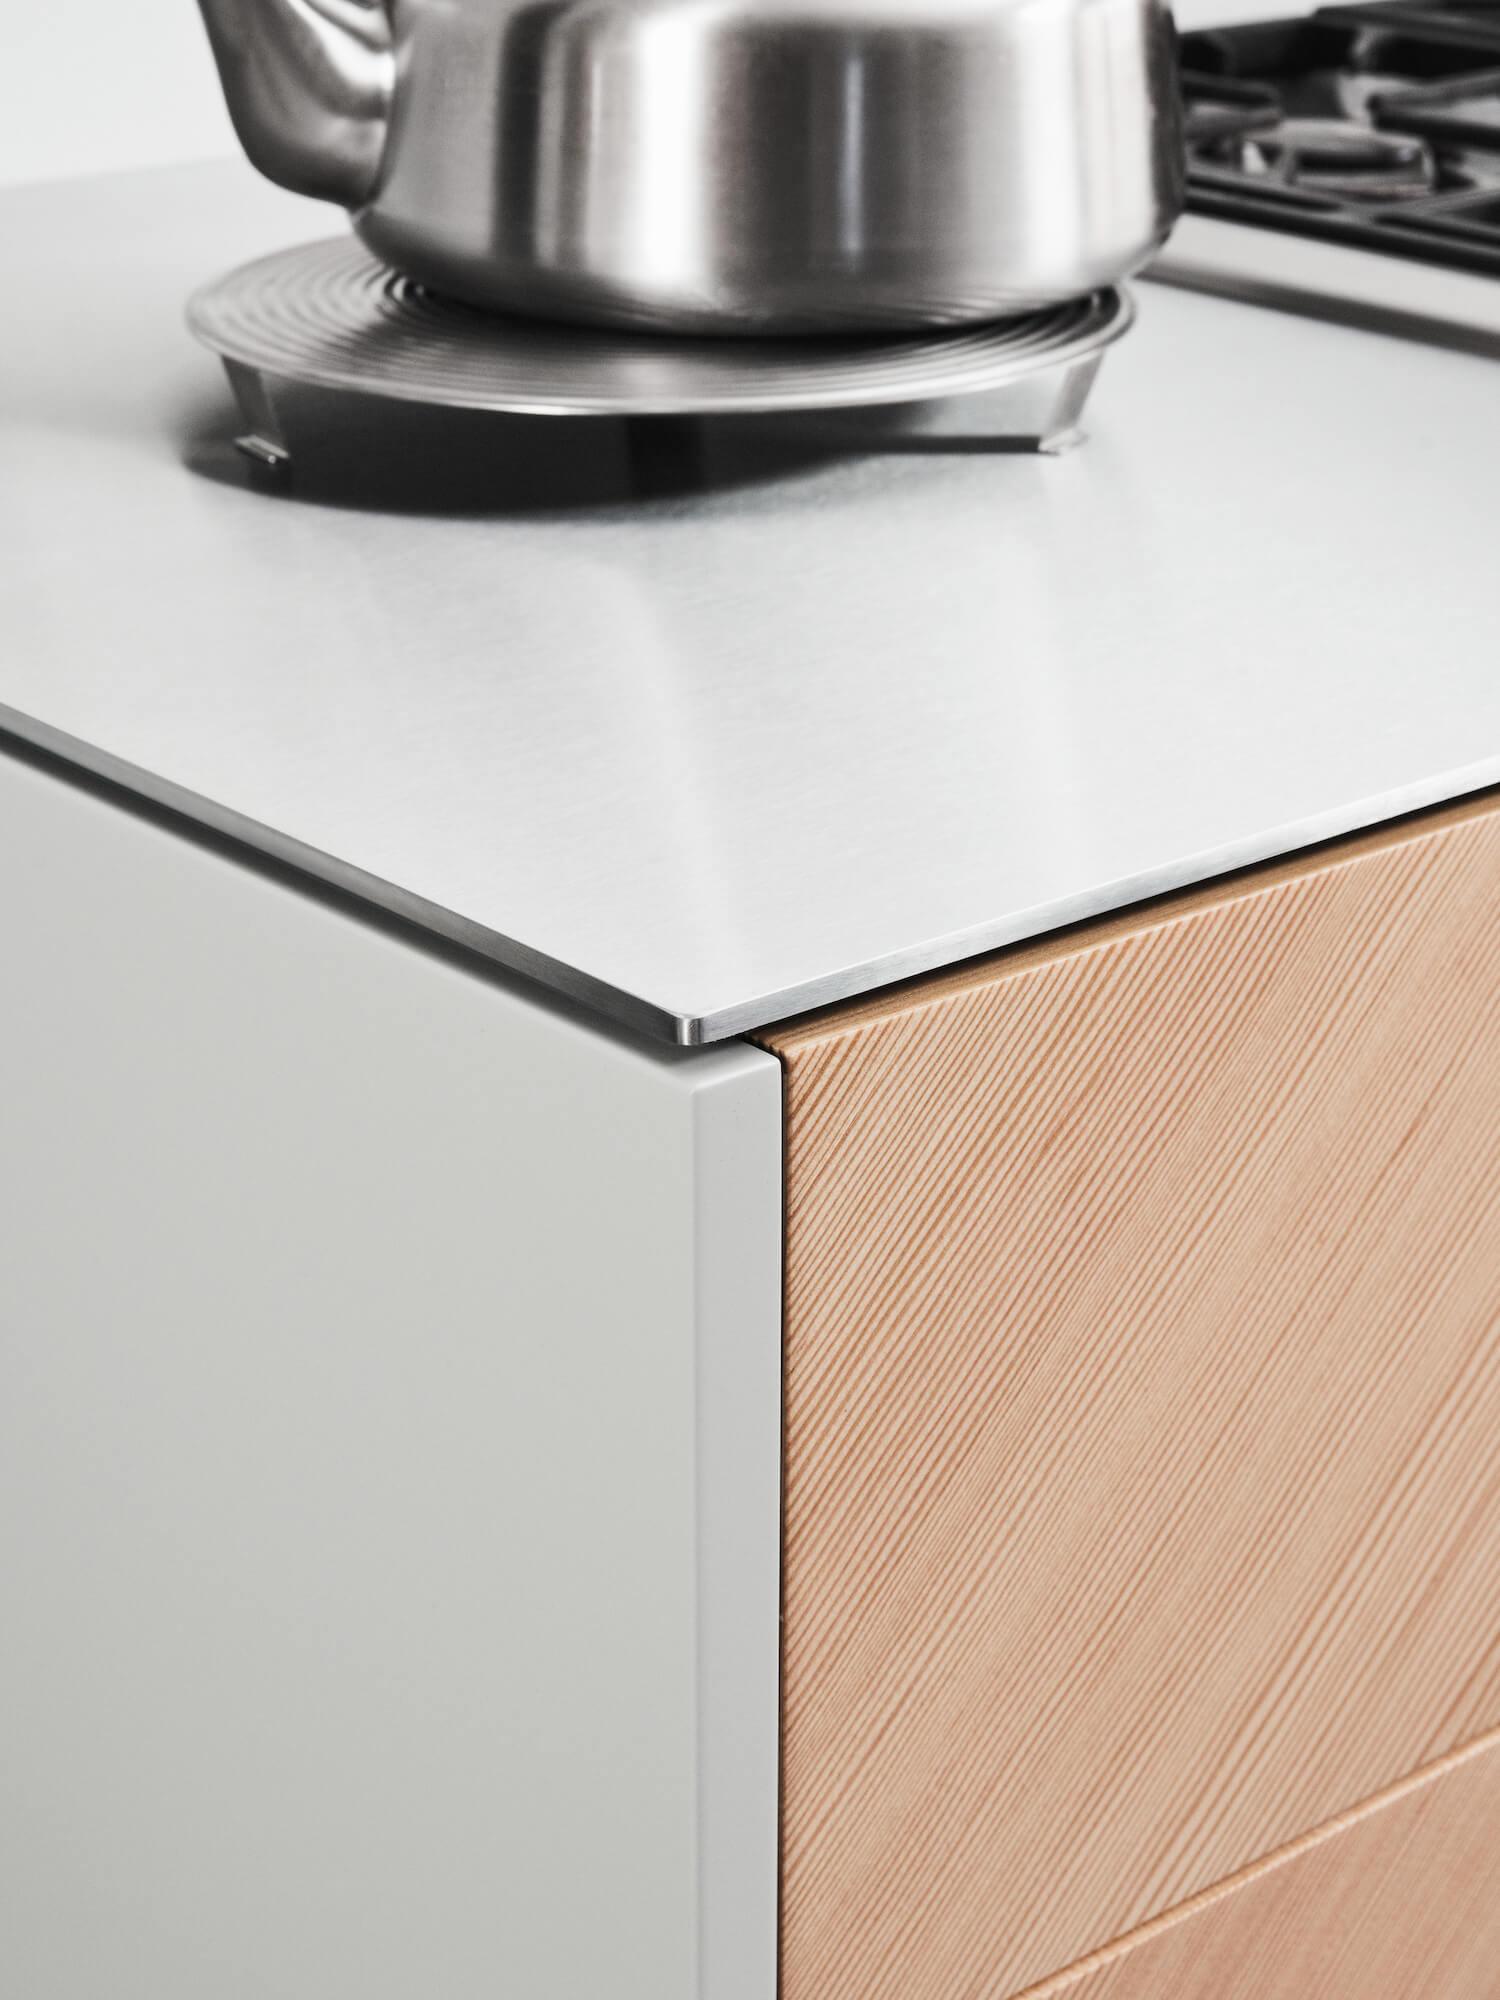 est living stainless steel kitchen reform degree ceclie manz 06